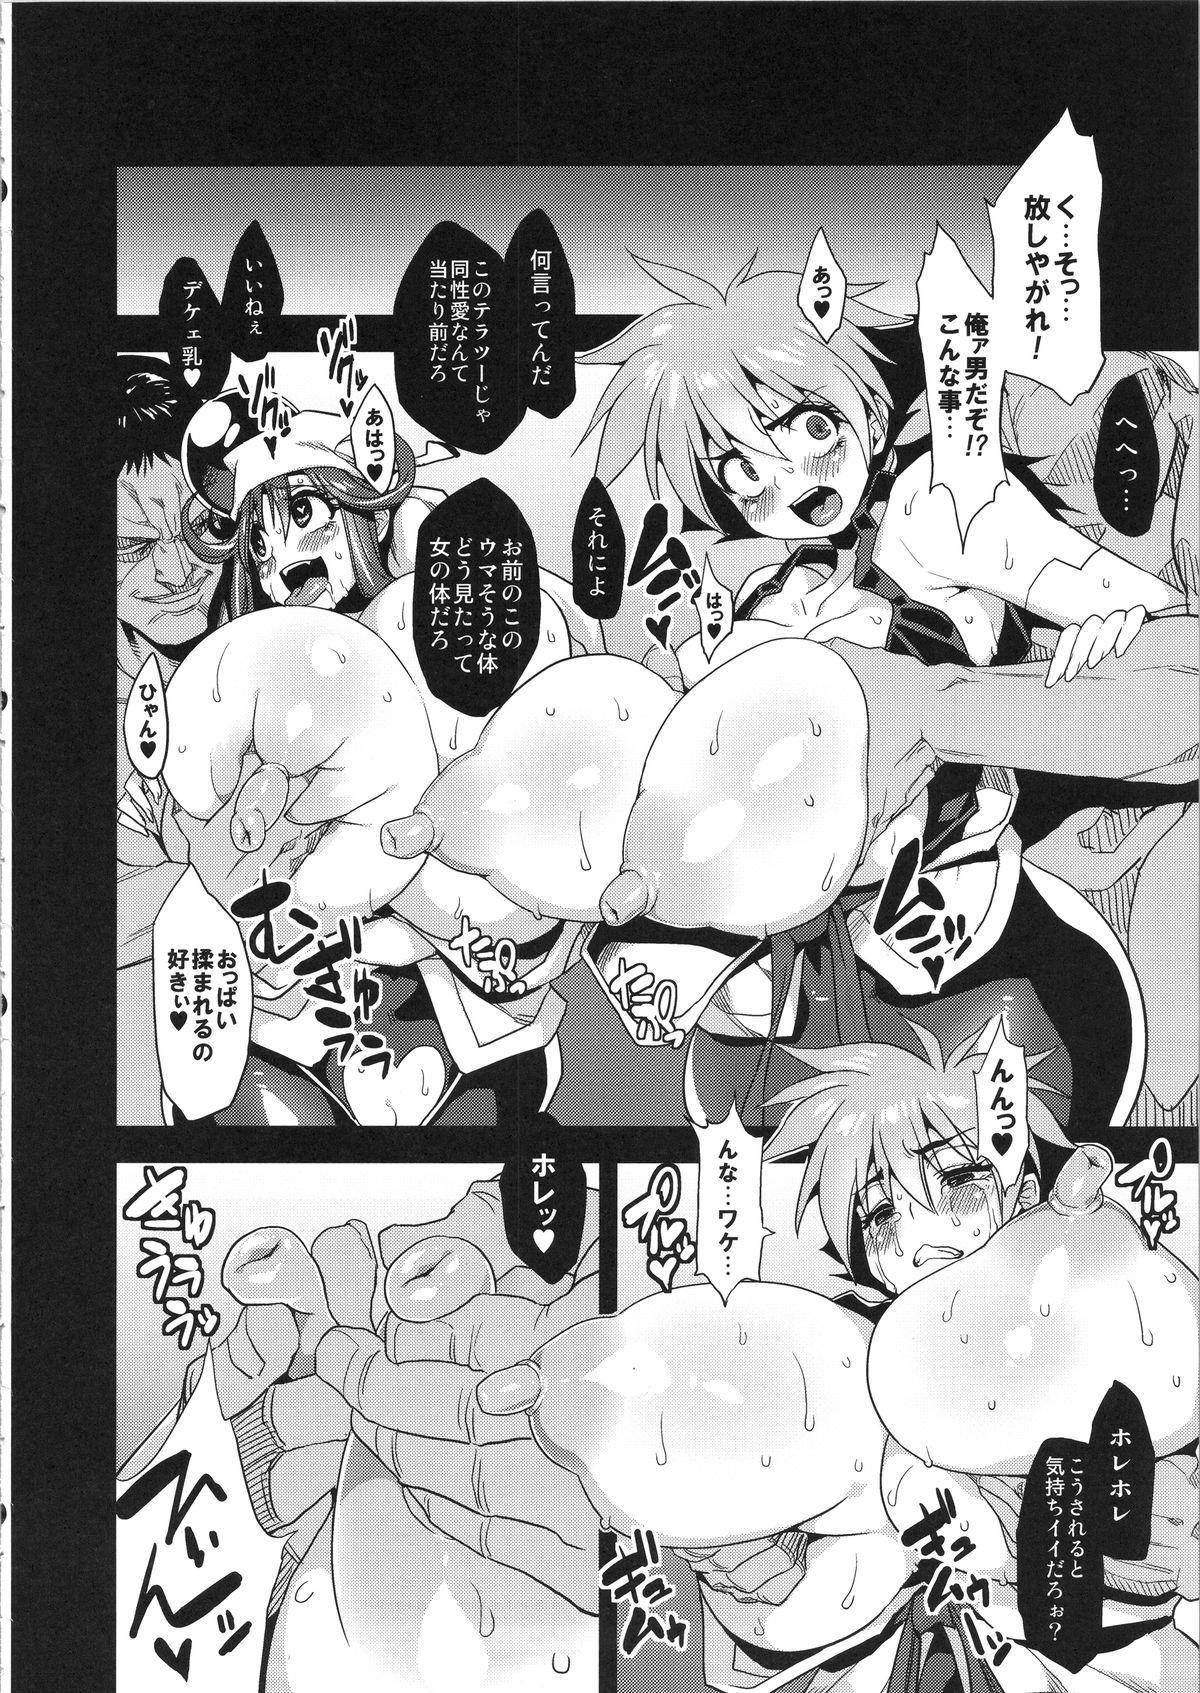 Hentai Marionette 3 10